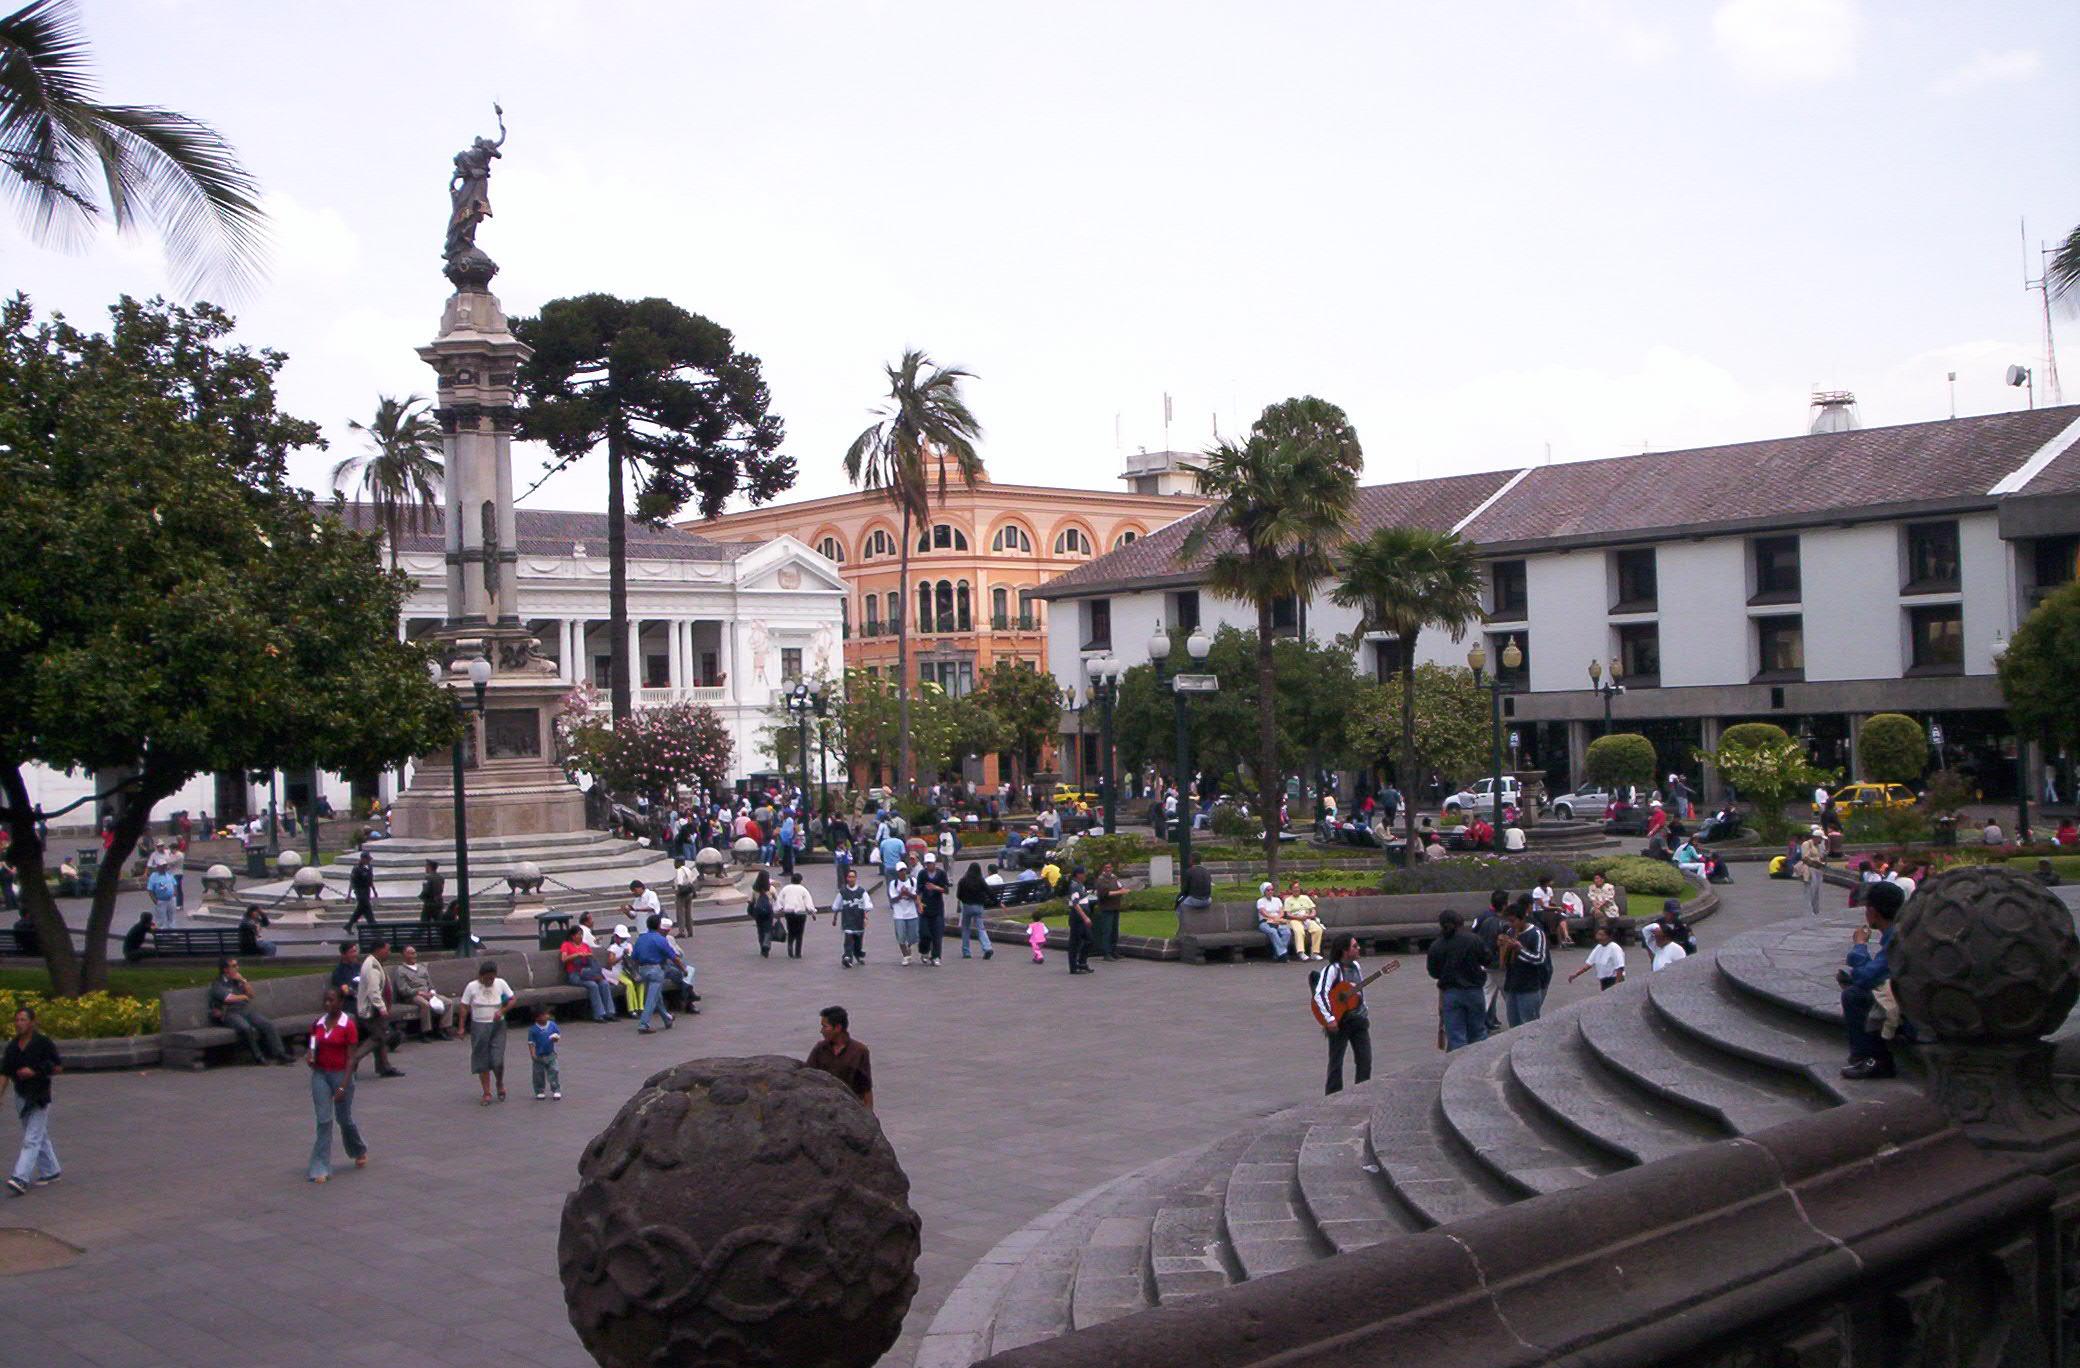 Lugares representativos de ciudades del mundo pt 1 for Adidas ecuador quito mall el jardin